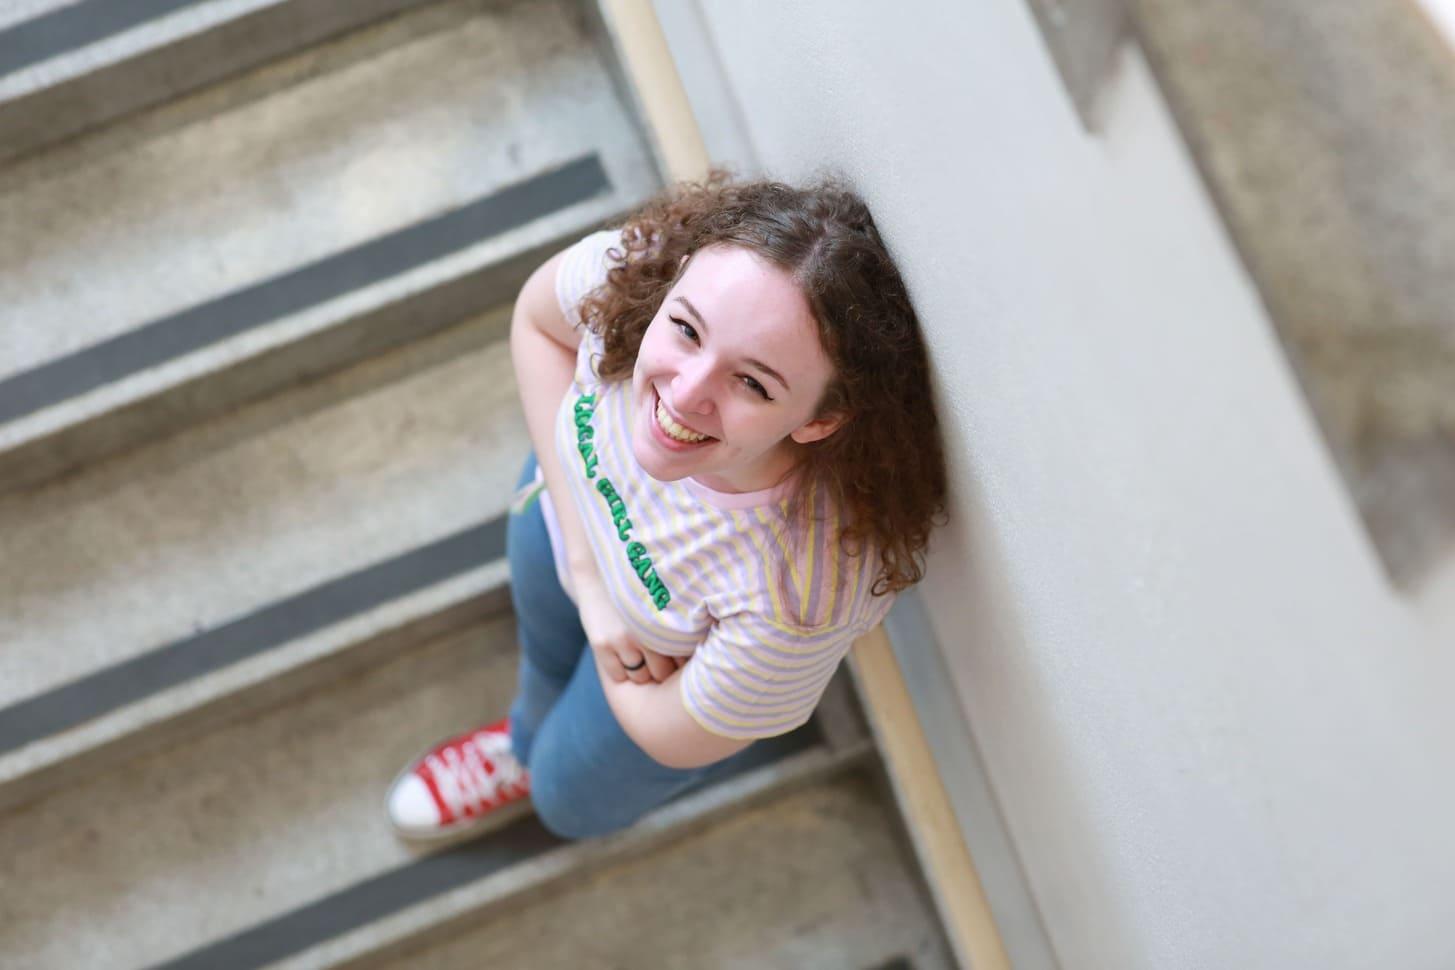 Scholarships: Flora Lyz, ex-aluna do Colégio Etapa, conquistou uma bolsa por mérito artístico em uma universidade dos Estados Unidos.